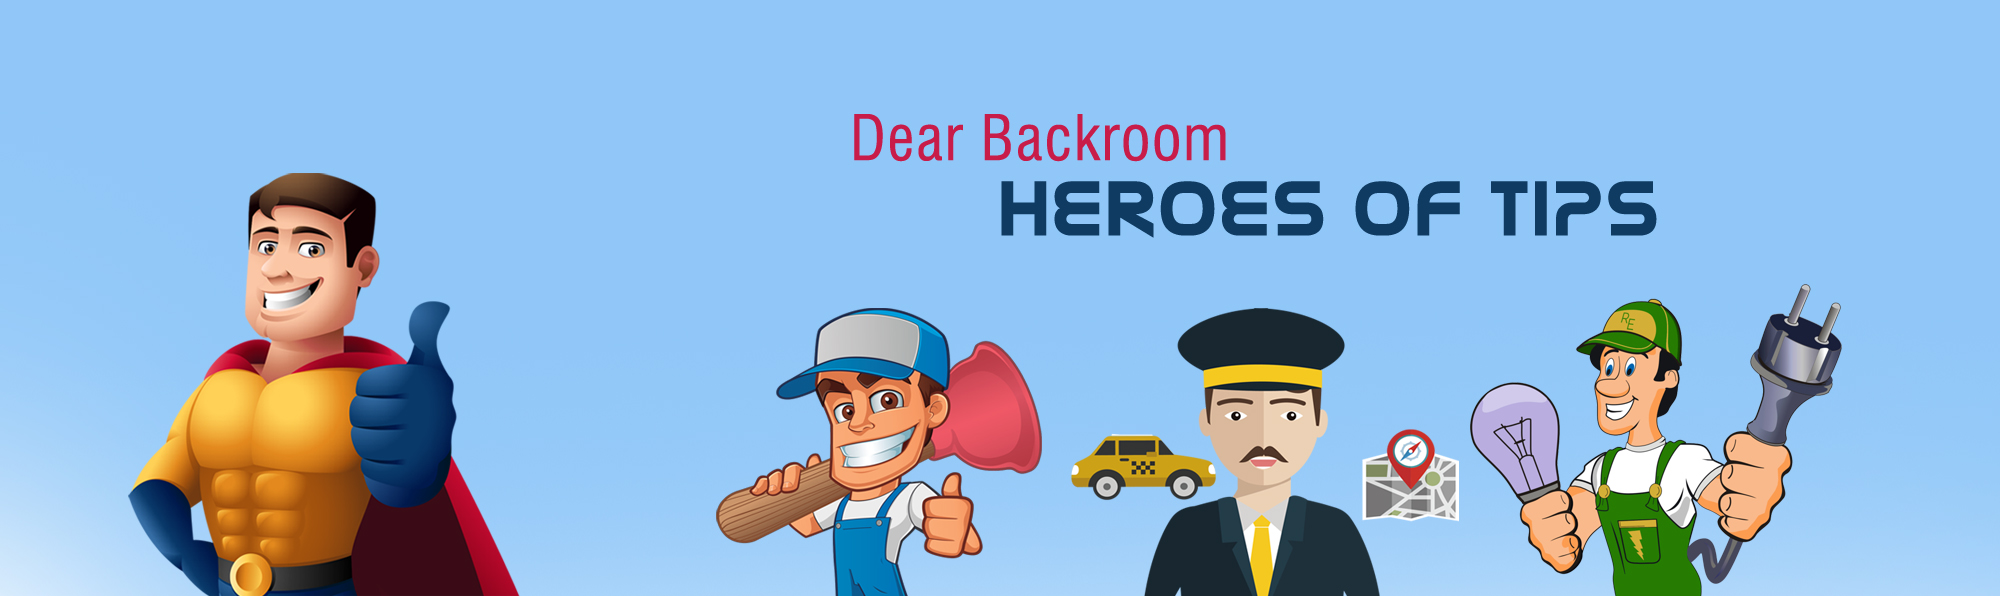 Backroom heroes of TIPS